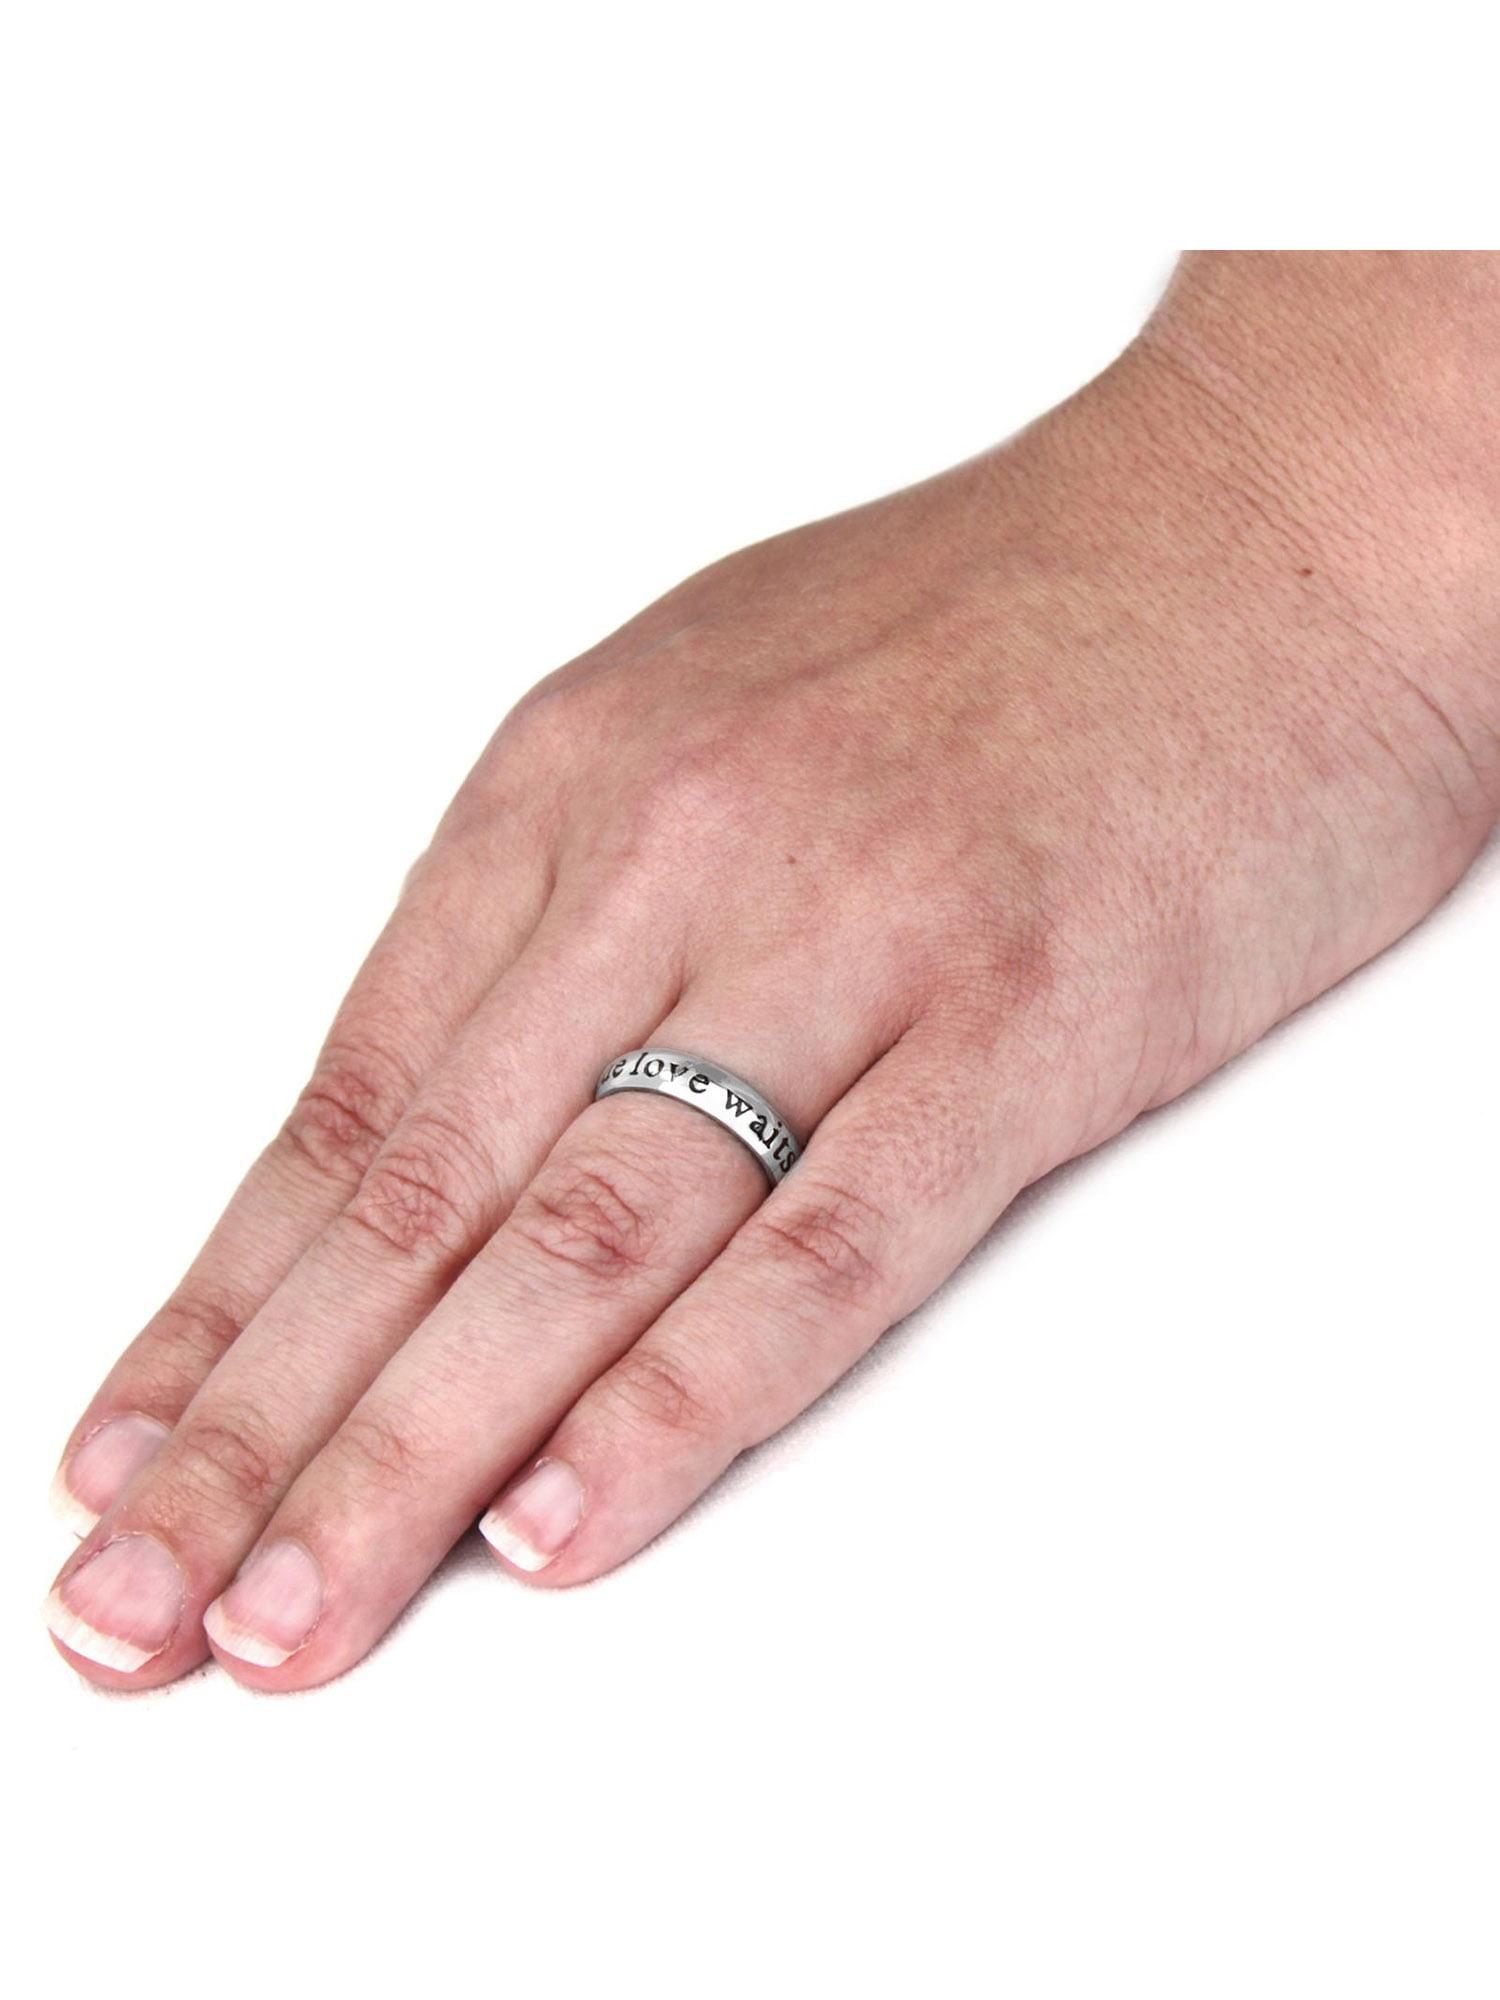 ELYA Laser-Engraved \'True Love Waits\' Stainless Steel Ring (4.5mm ...